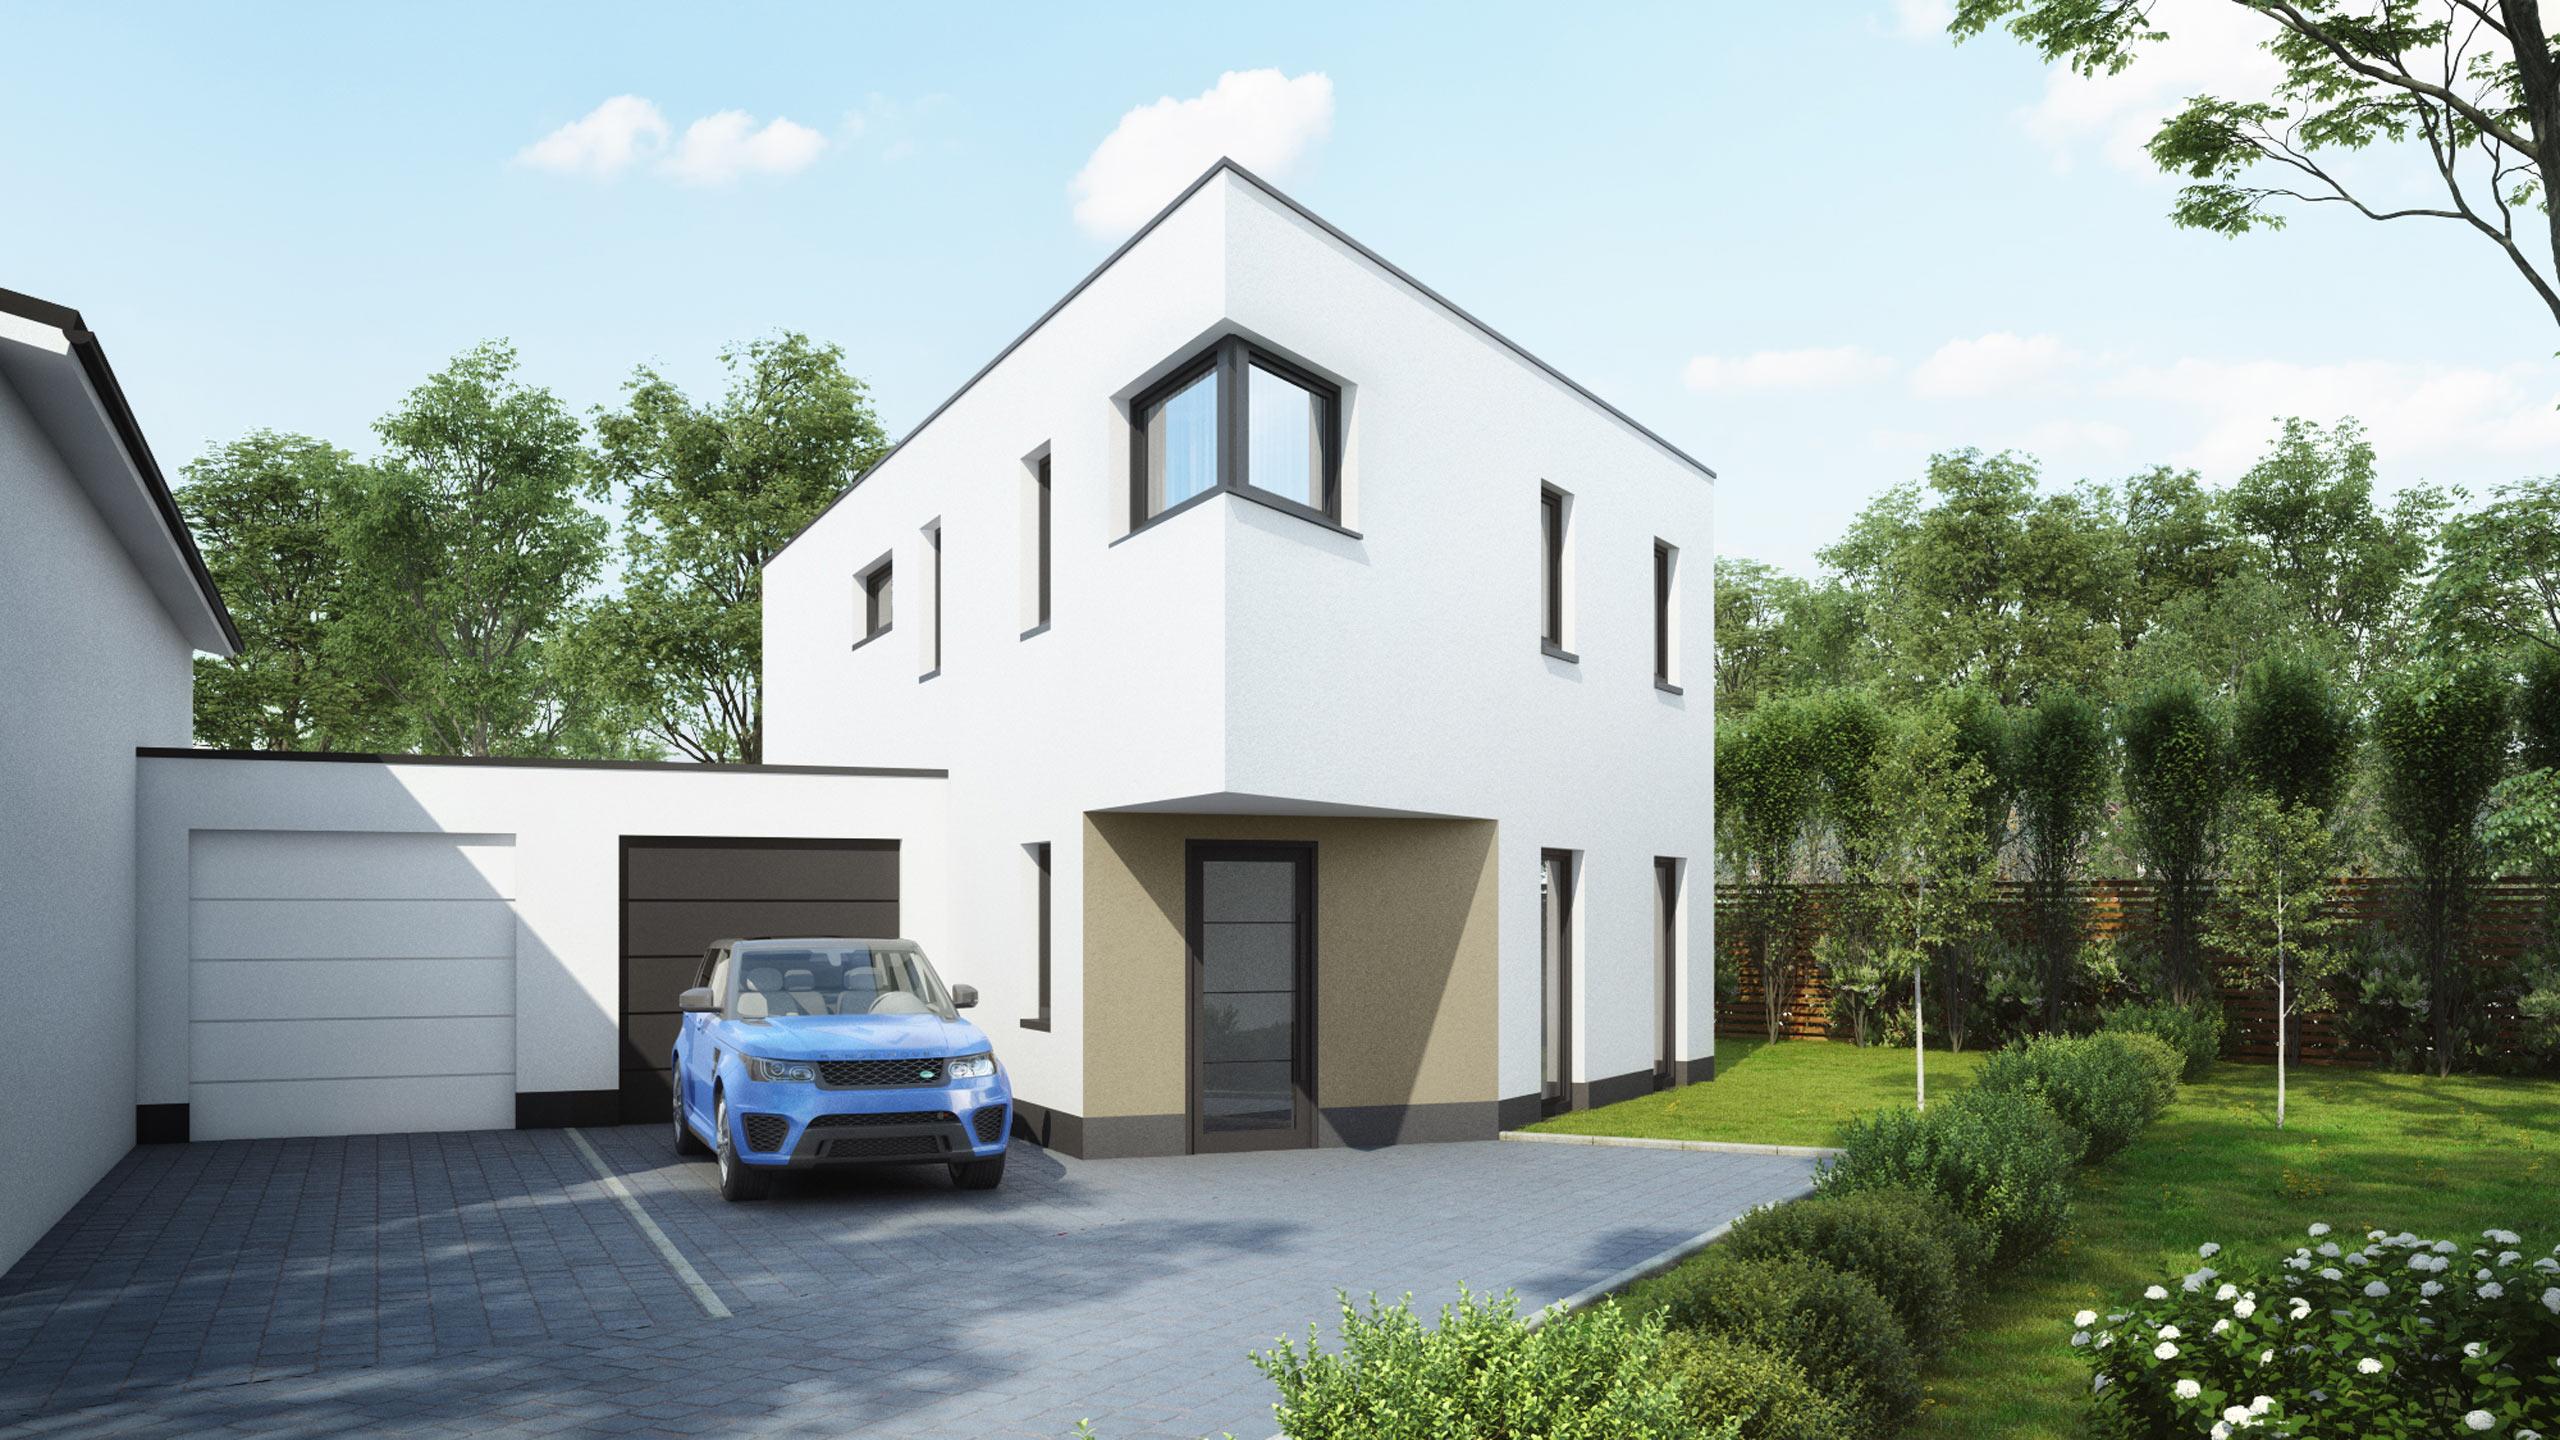 Das moderne, freistehende Einfamilienhaus